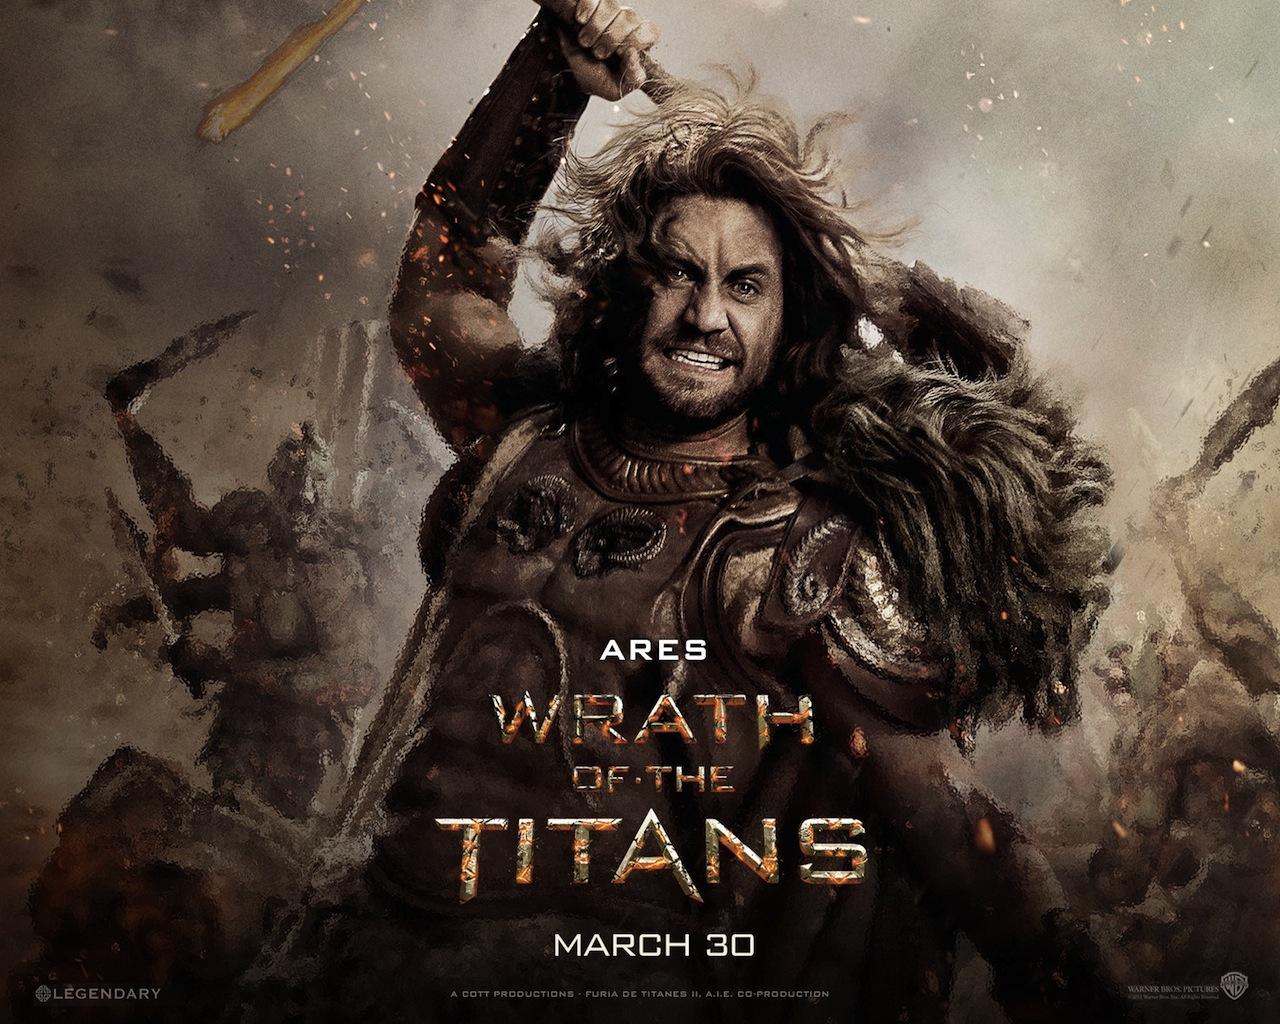 Filme Hades inside fonds d'écran du film la colère des titans